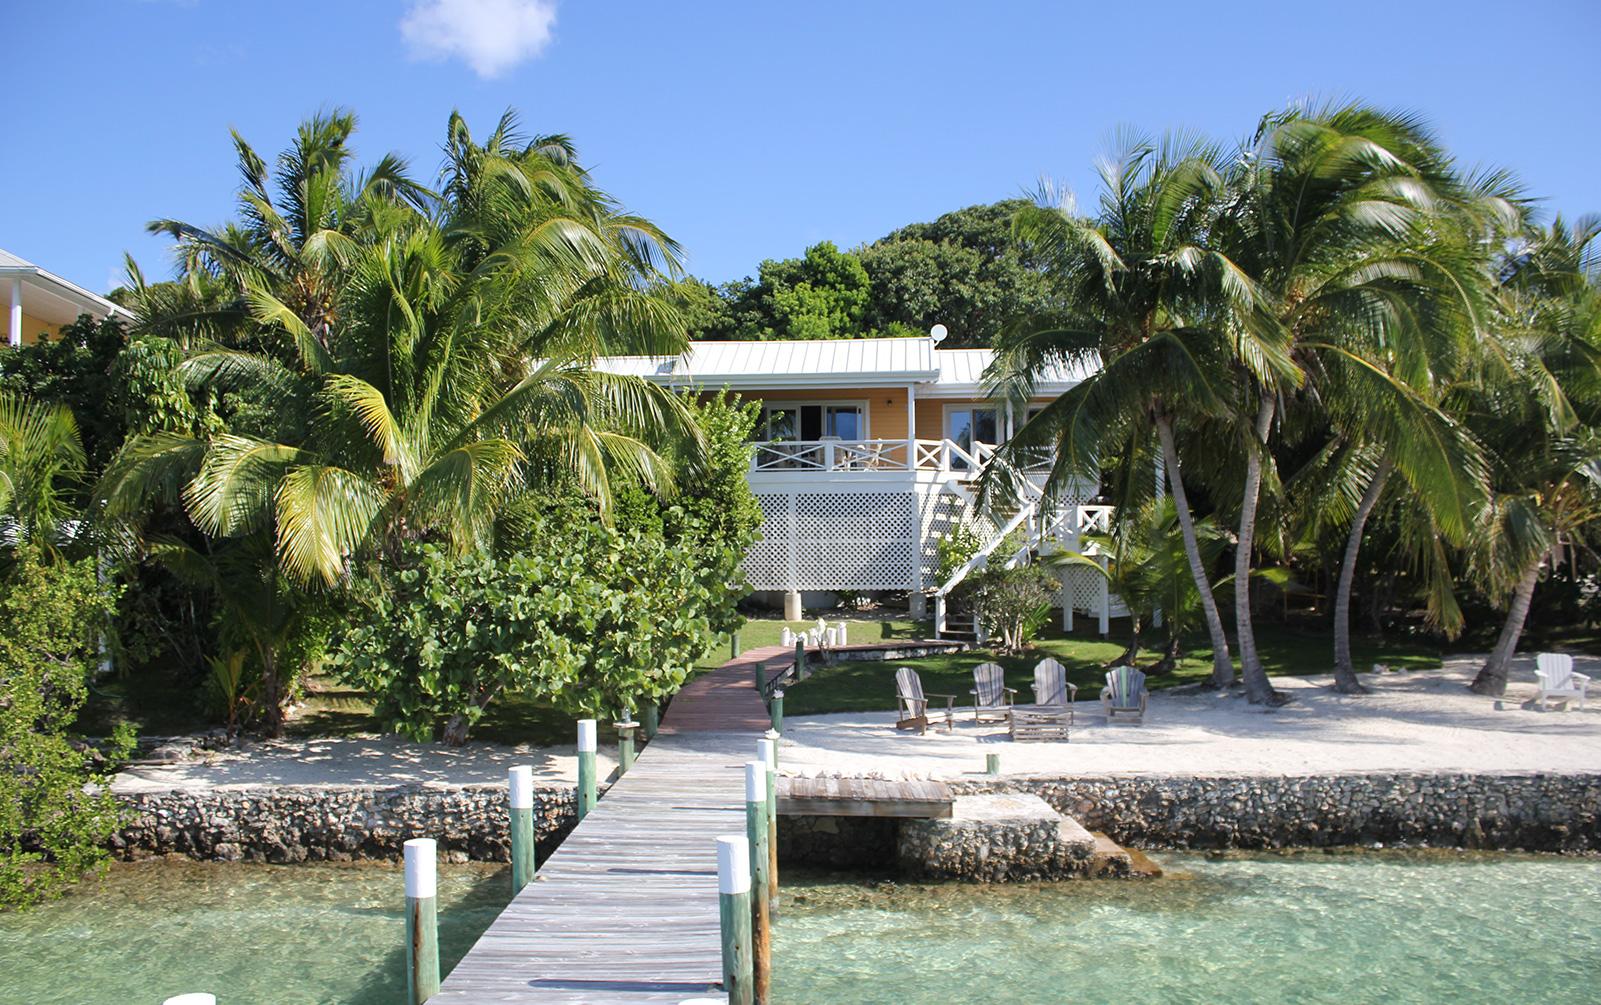 Tahiti Beach House - Abacos - Bahamas - Photo 02